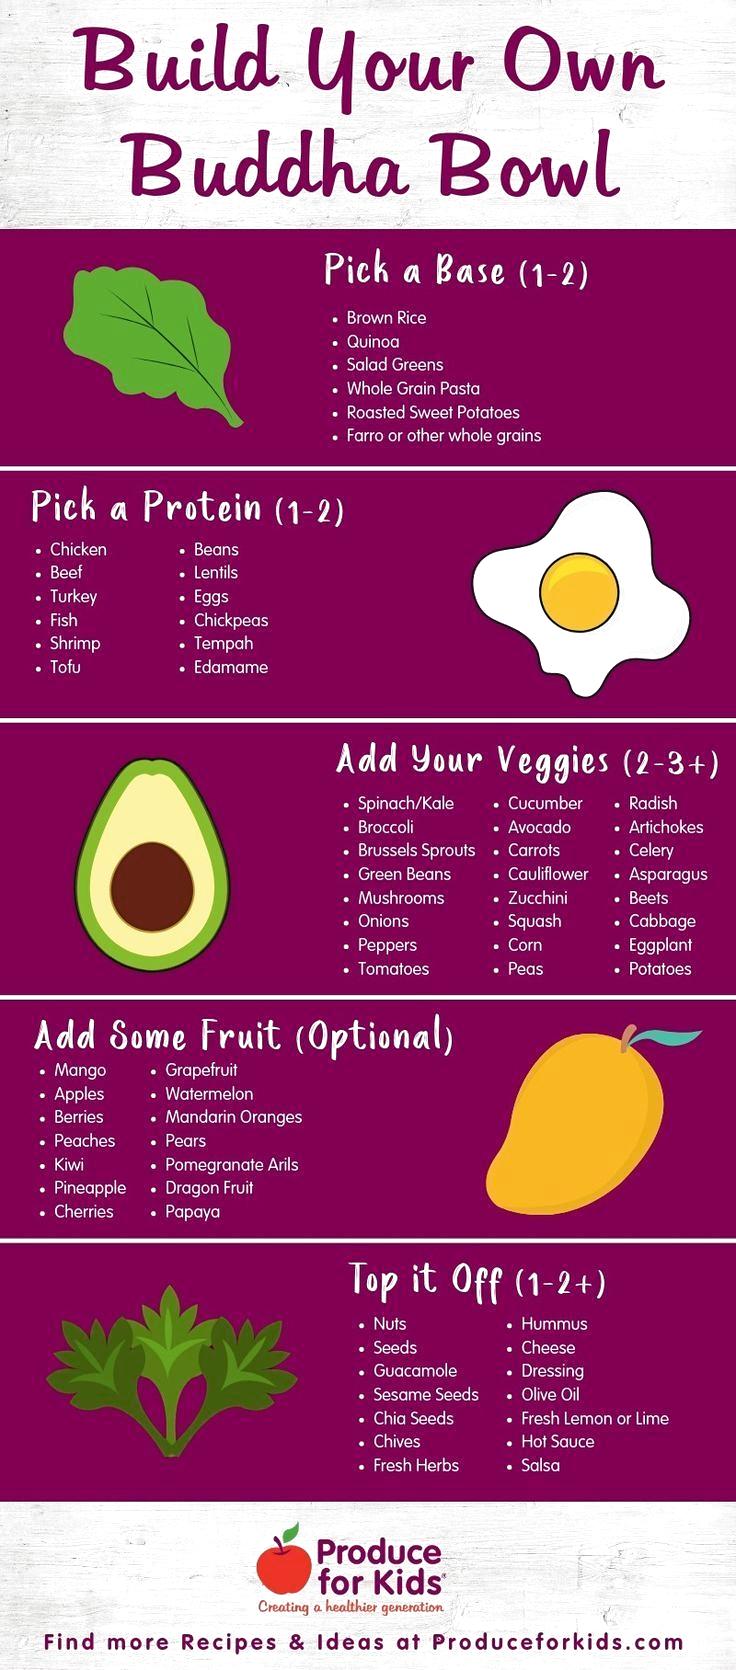 Bauen Sie Ihre eigene Buddha-Schüssel + 15 gesunde Buddha-Schüssel-Rezepte Trend Pinterest ?  #bauen #BuddhaSchüssel #BuddhaSchüsselRezepte #eigene #gesunde #Ihre #Sie #Small Garden Ideas #Healthy Recipes #Garden Ideas